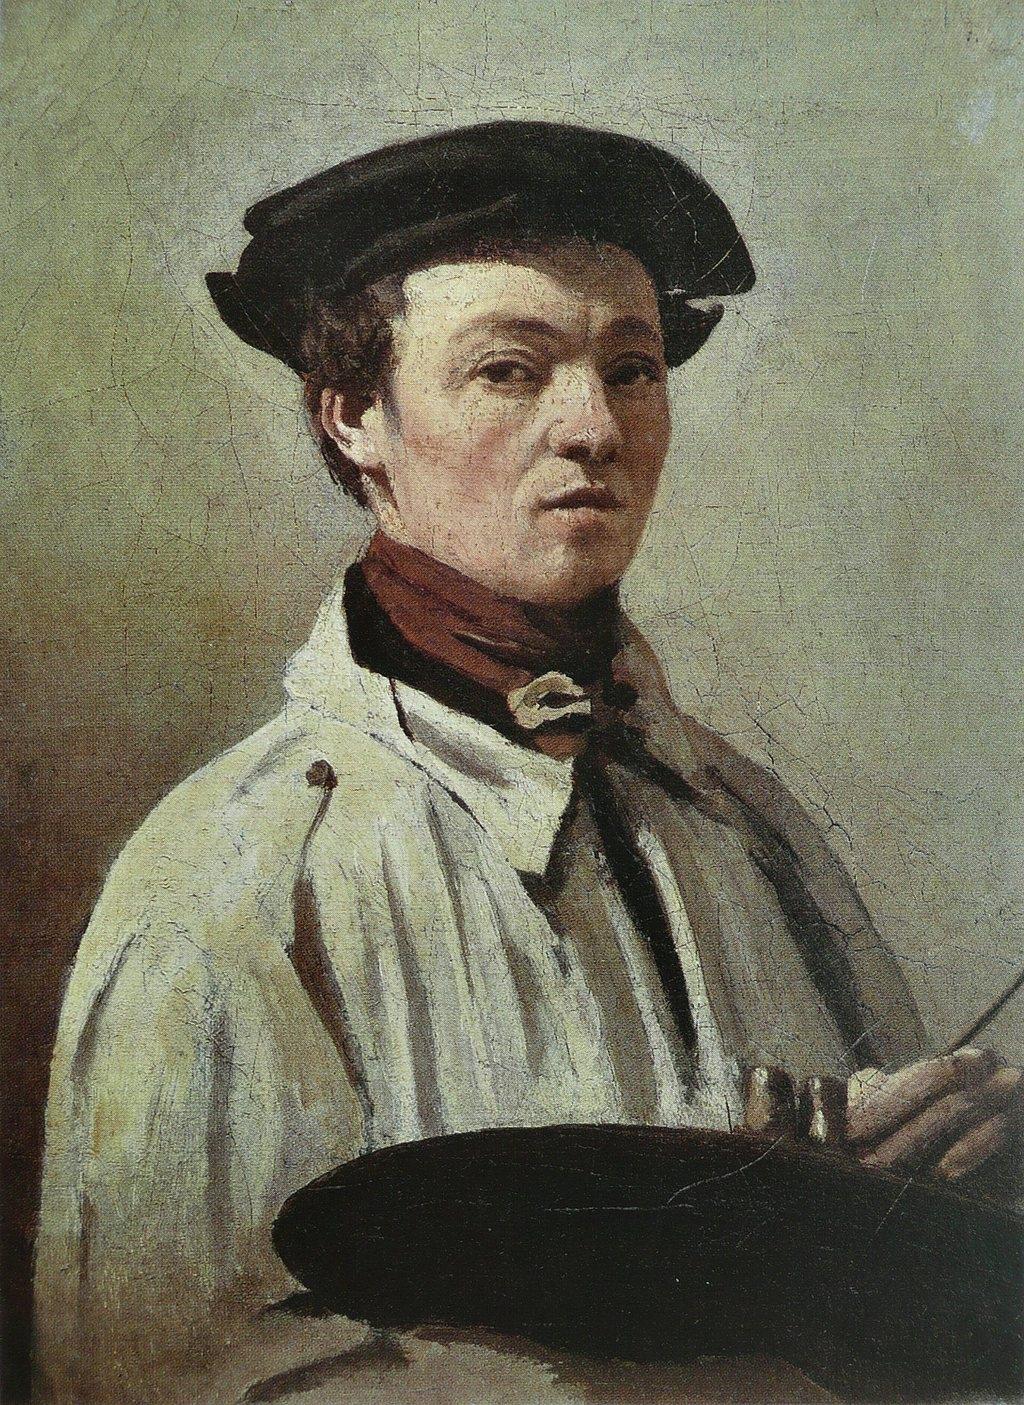 Corot, Jean-Baptiste-Camille